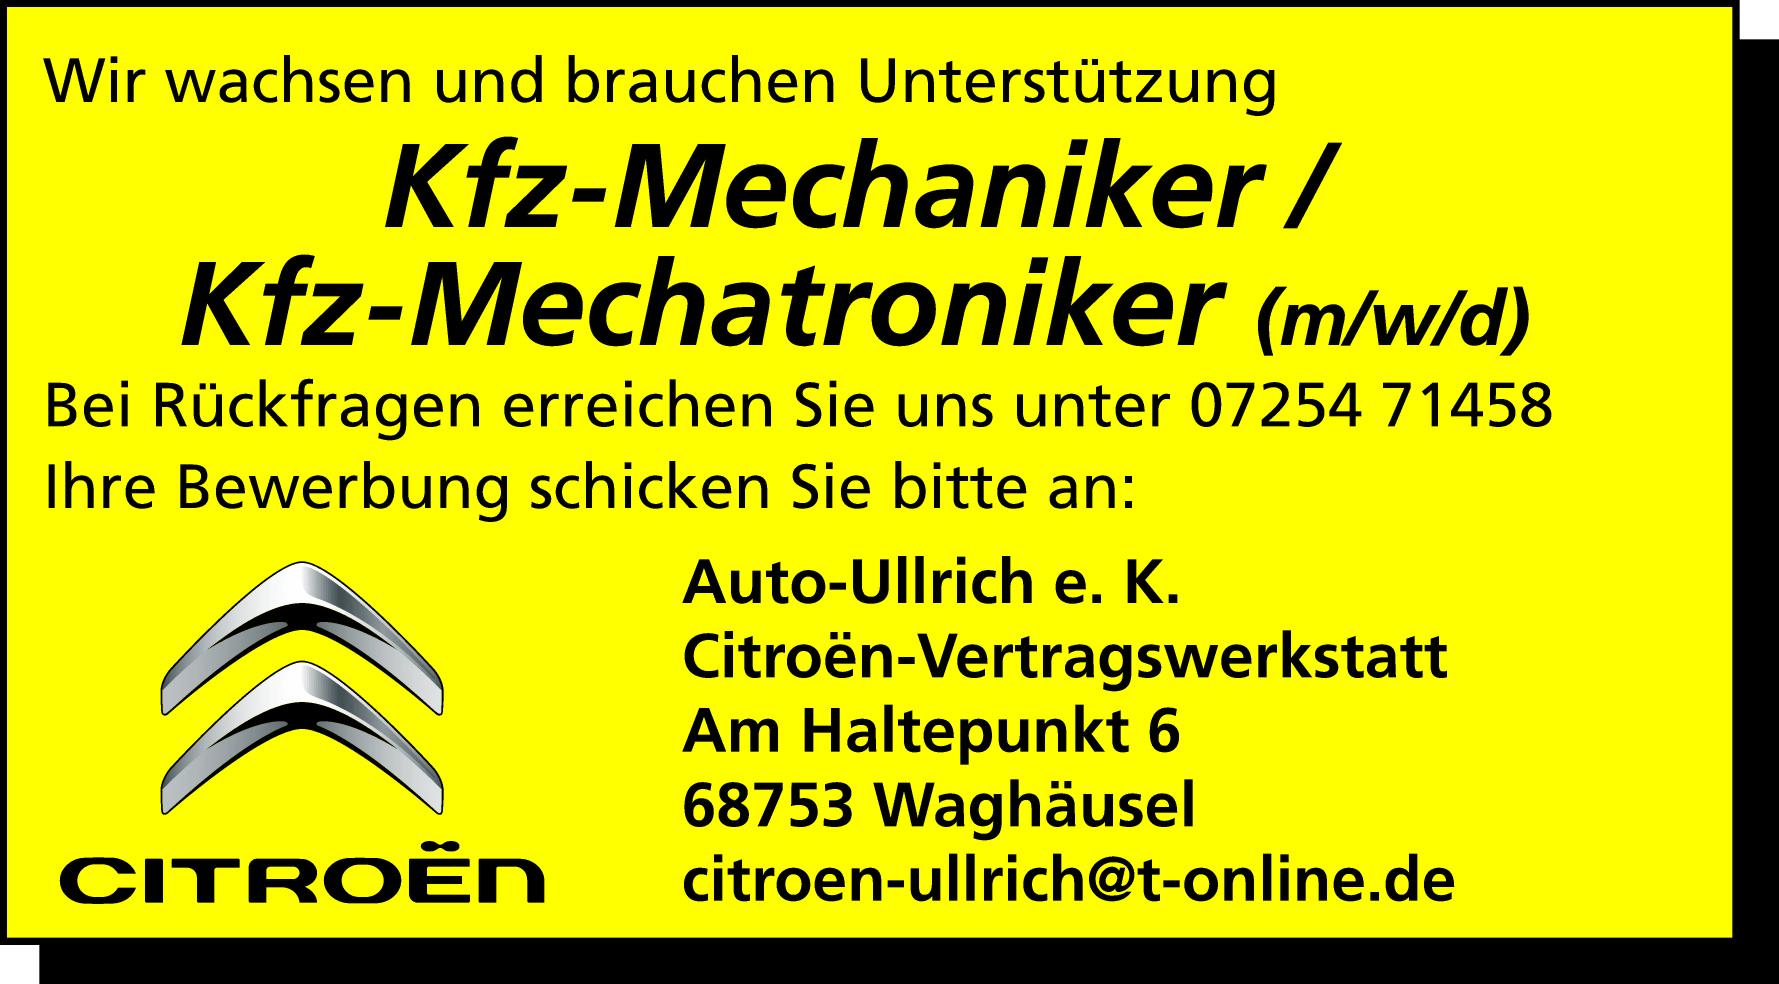 Auto-Ullrich e. K.